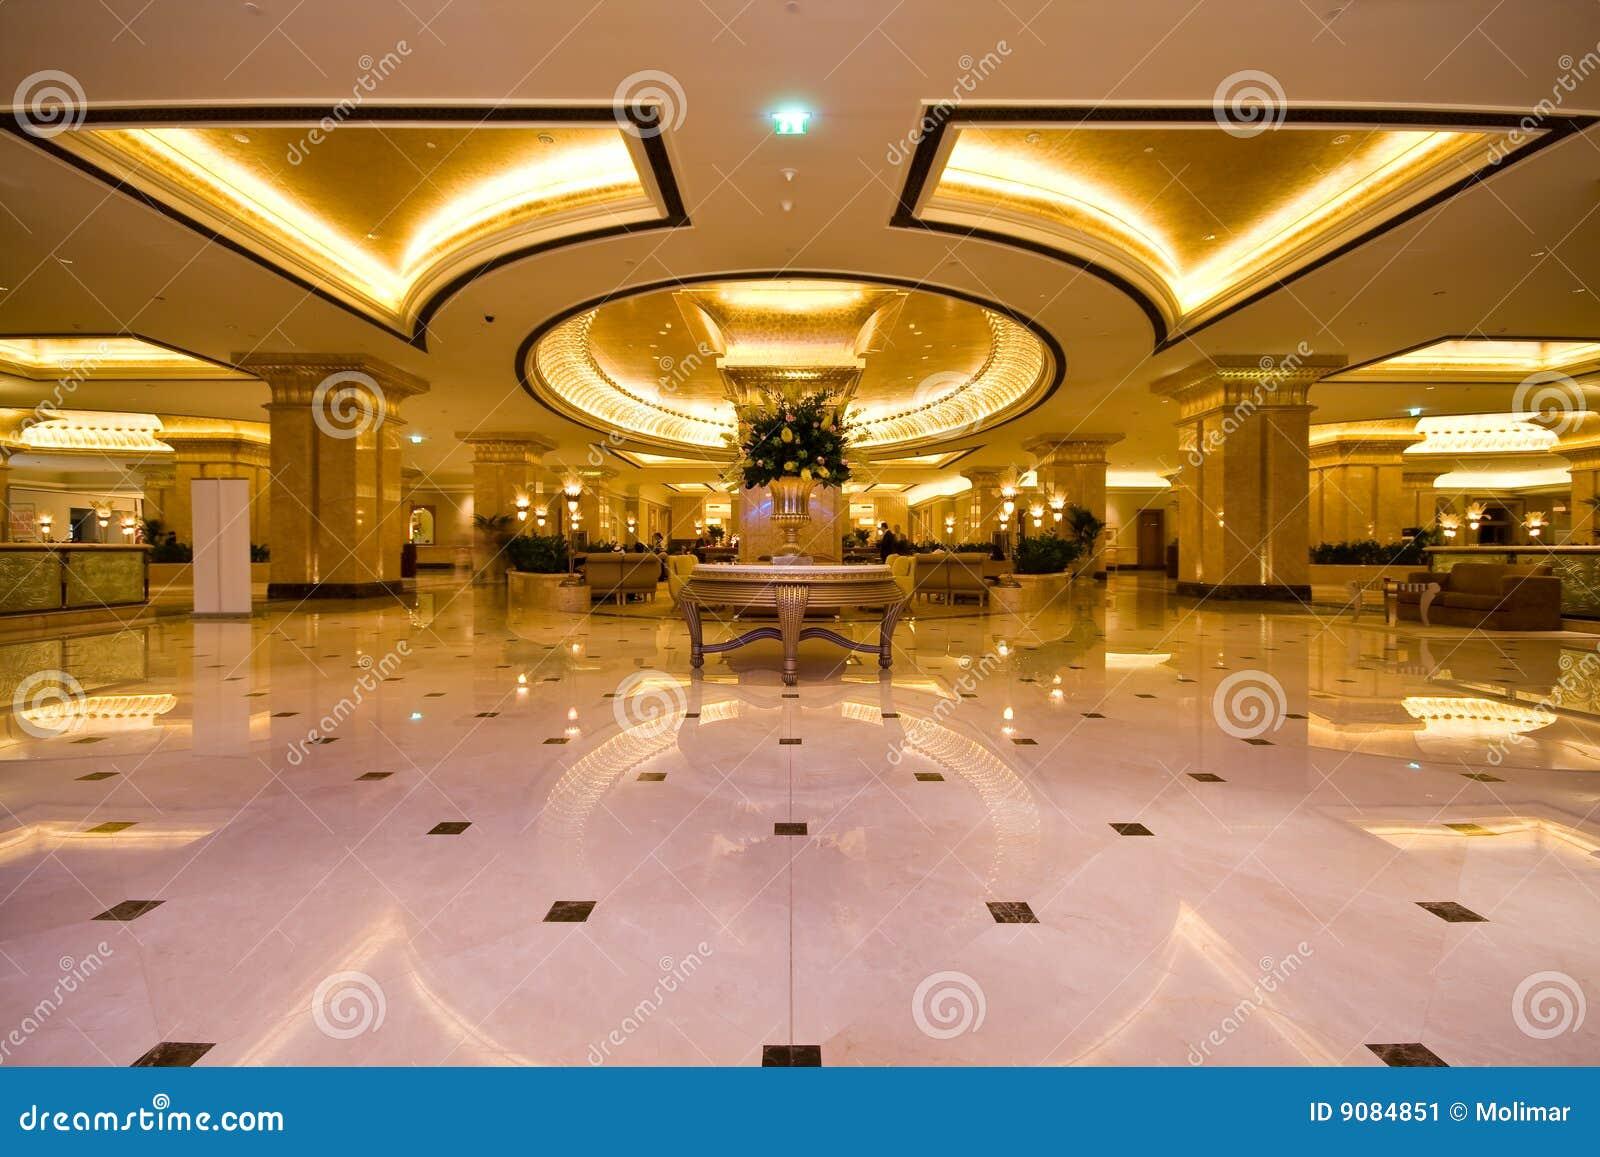 Emirat-Palast-Hotel-Vorhalle